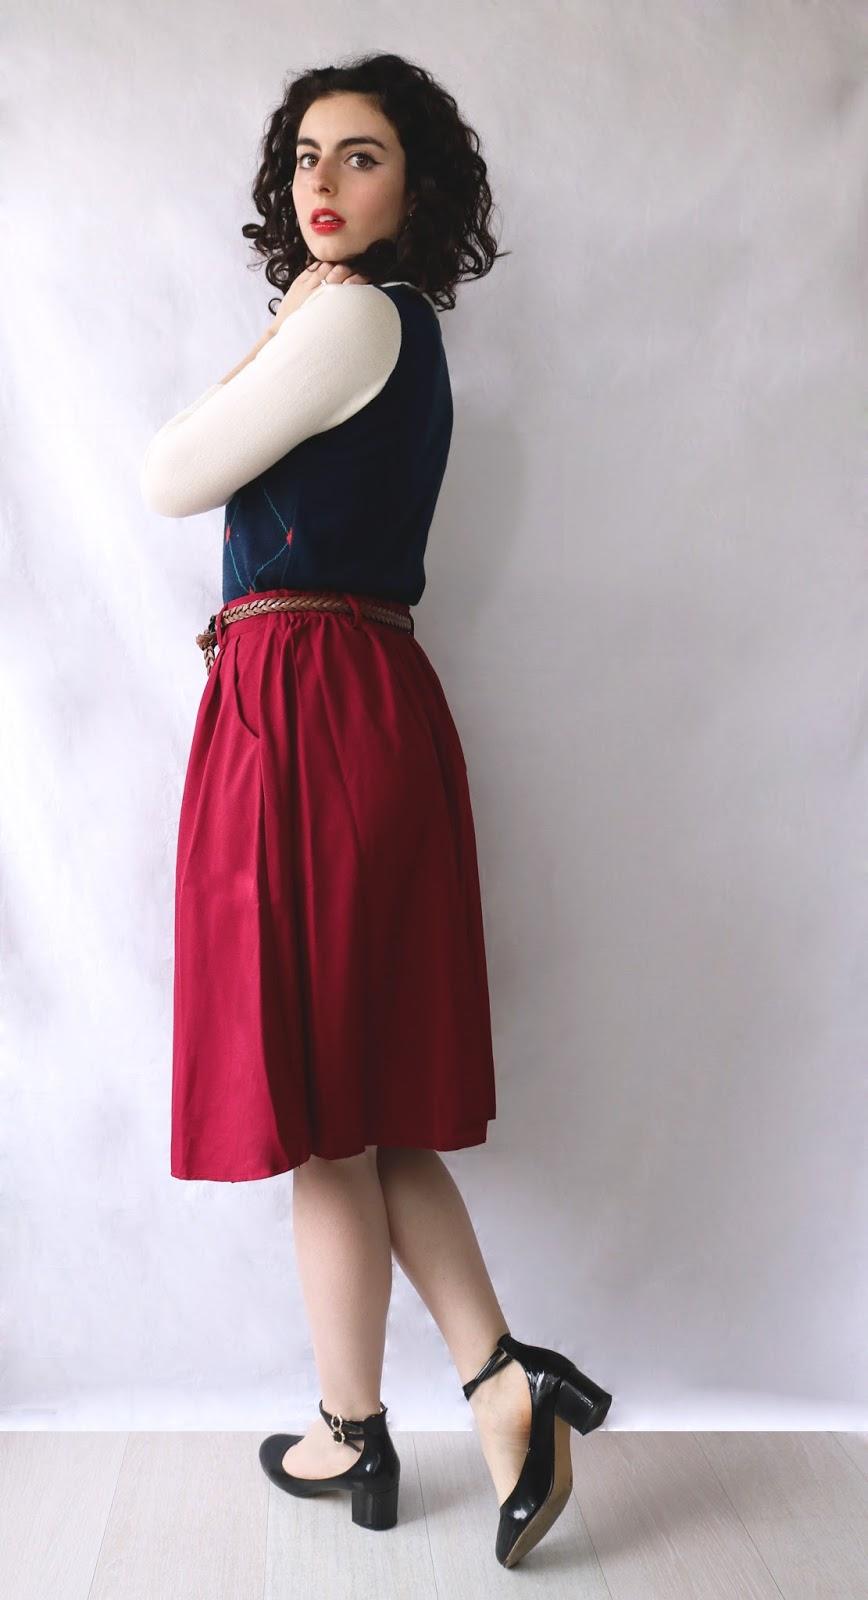 look femme, pull motifs, jupe rouge, ballerine noires à talon